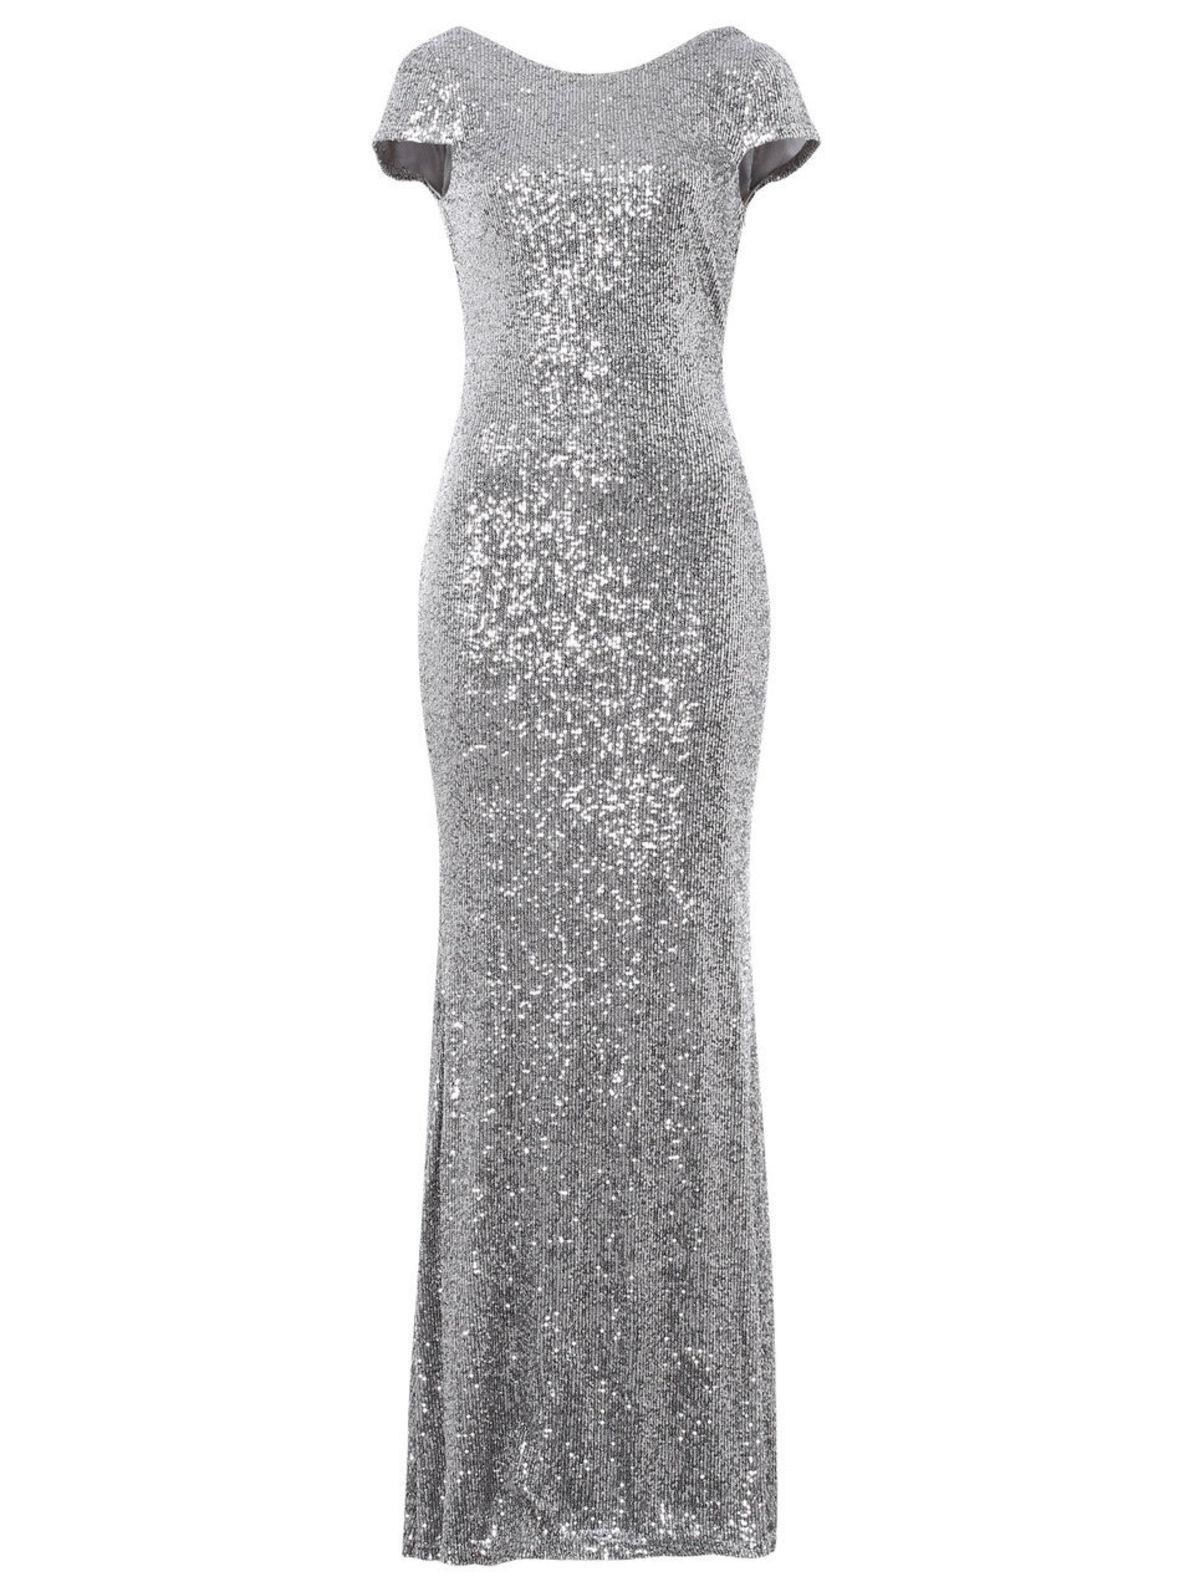 17 Leicht Abendkleid Pailetten Galerie20 Einzigartig Abendkleid Pailetten für 2019